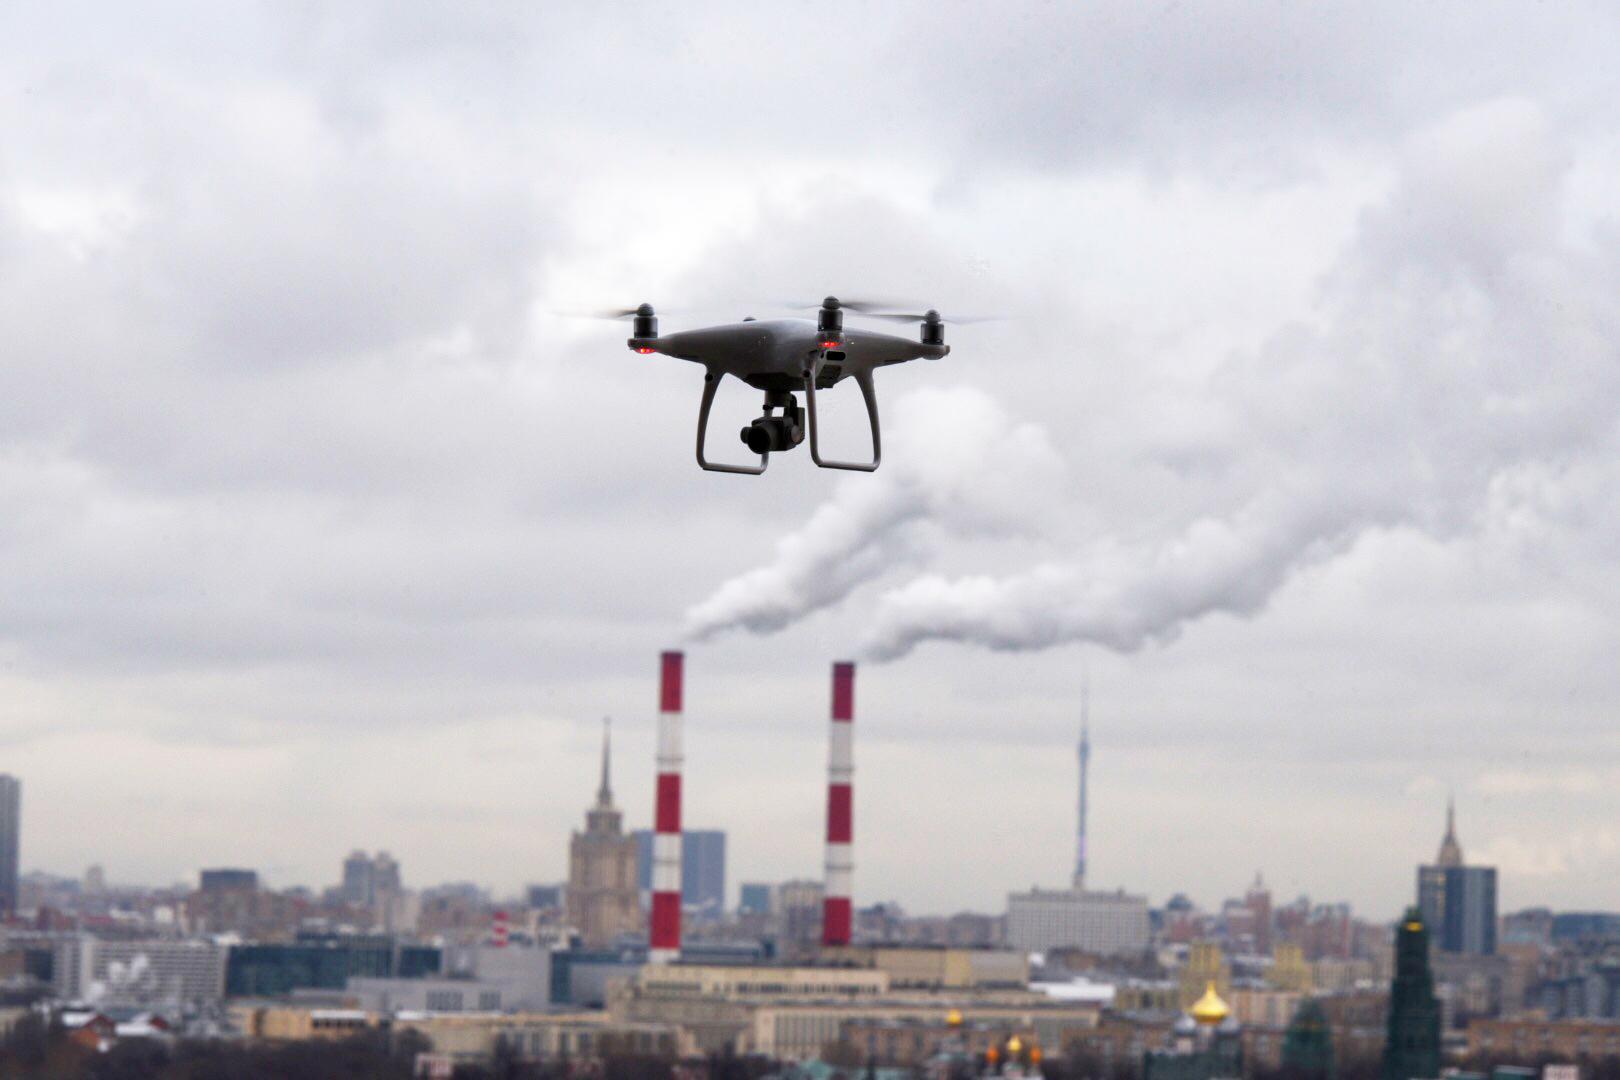 Депутат МГД Головченко: Использование дронов для проверки недвижимости продолжится во время COVID-19